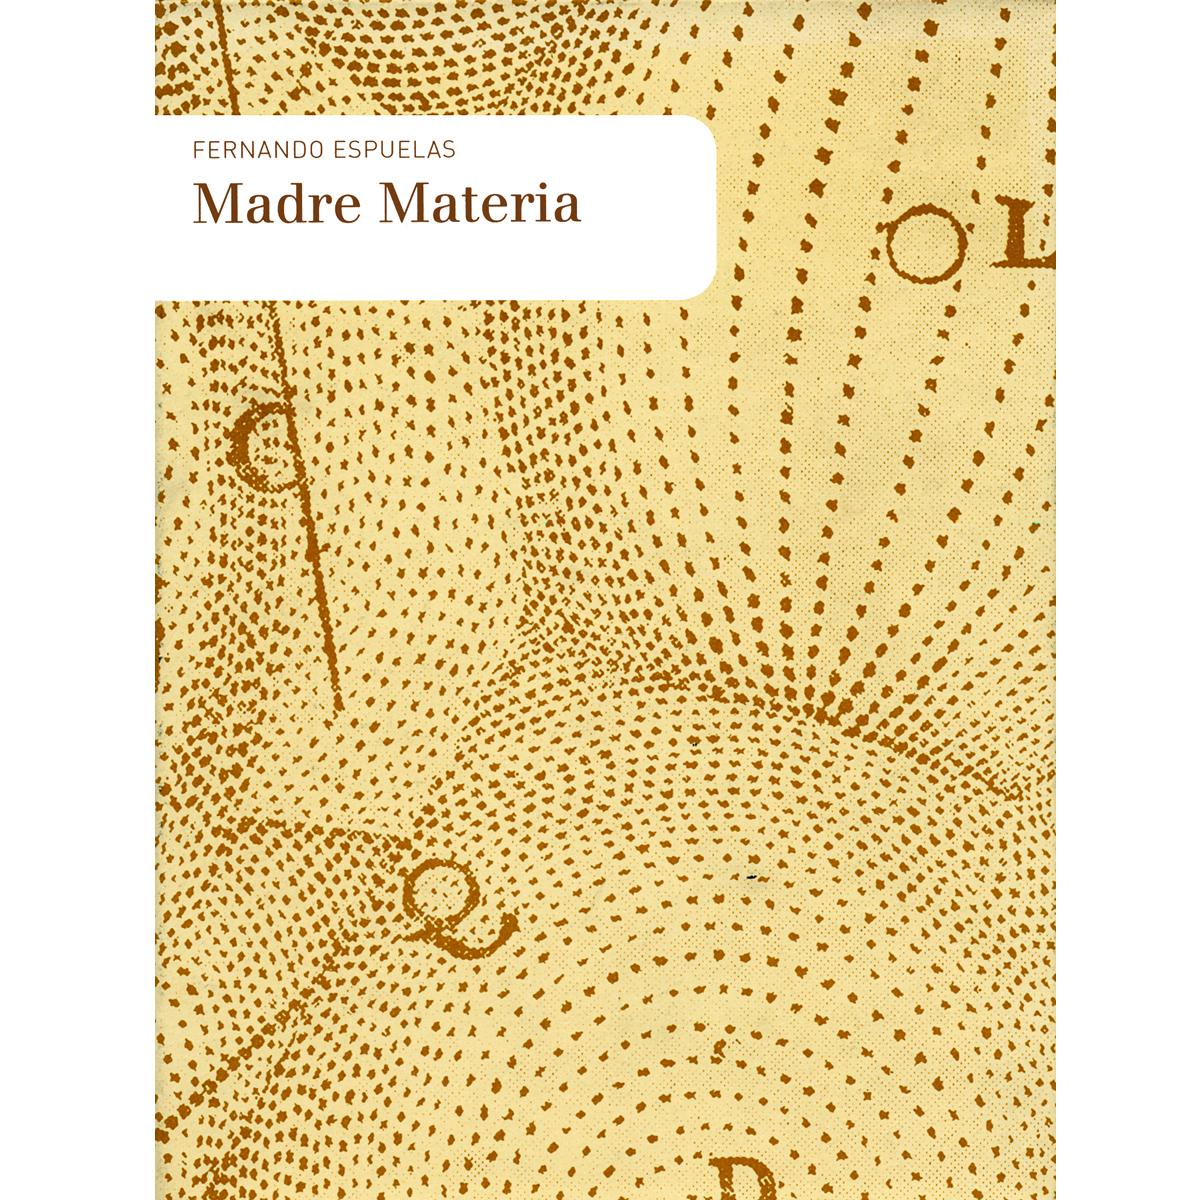 Madre Materia